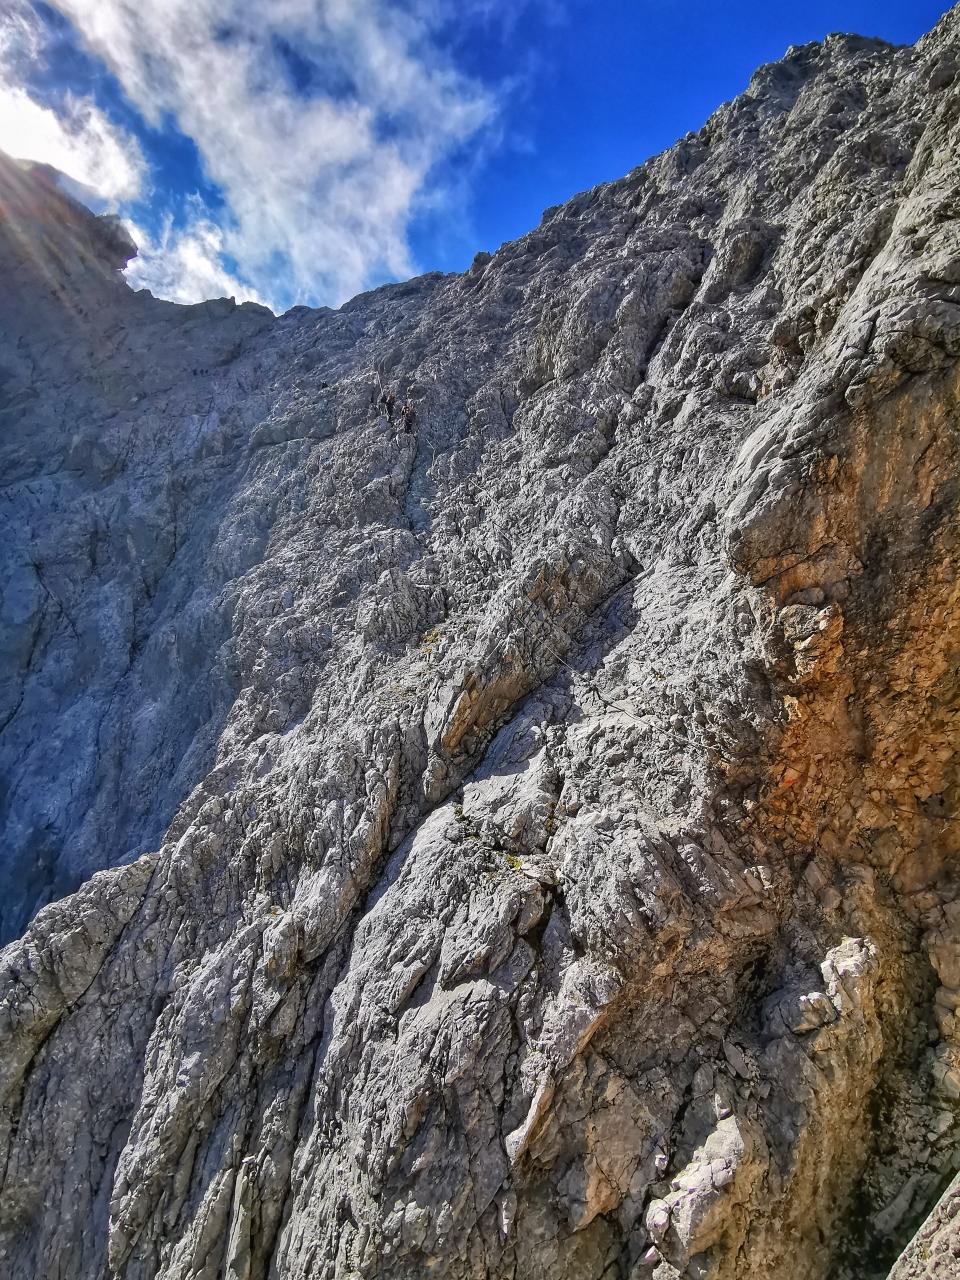 Blick in die Nordwand der Zugspitze, hier geht's jetzt in moderater Schwierigkeit die letzten 500 Höhenmeter bis zum Gipfel